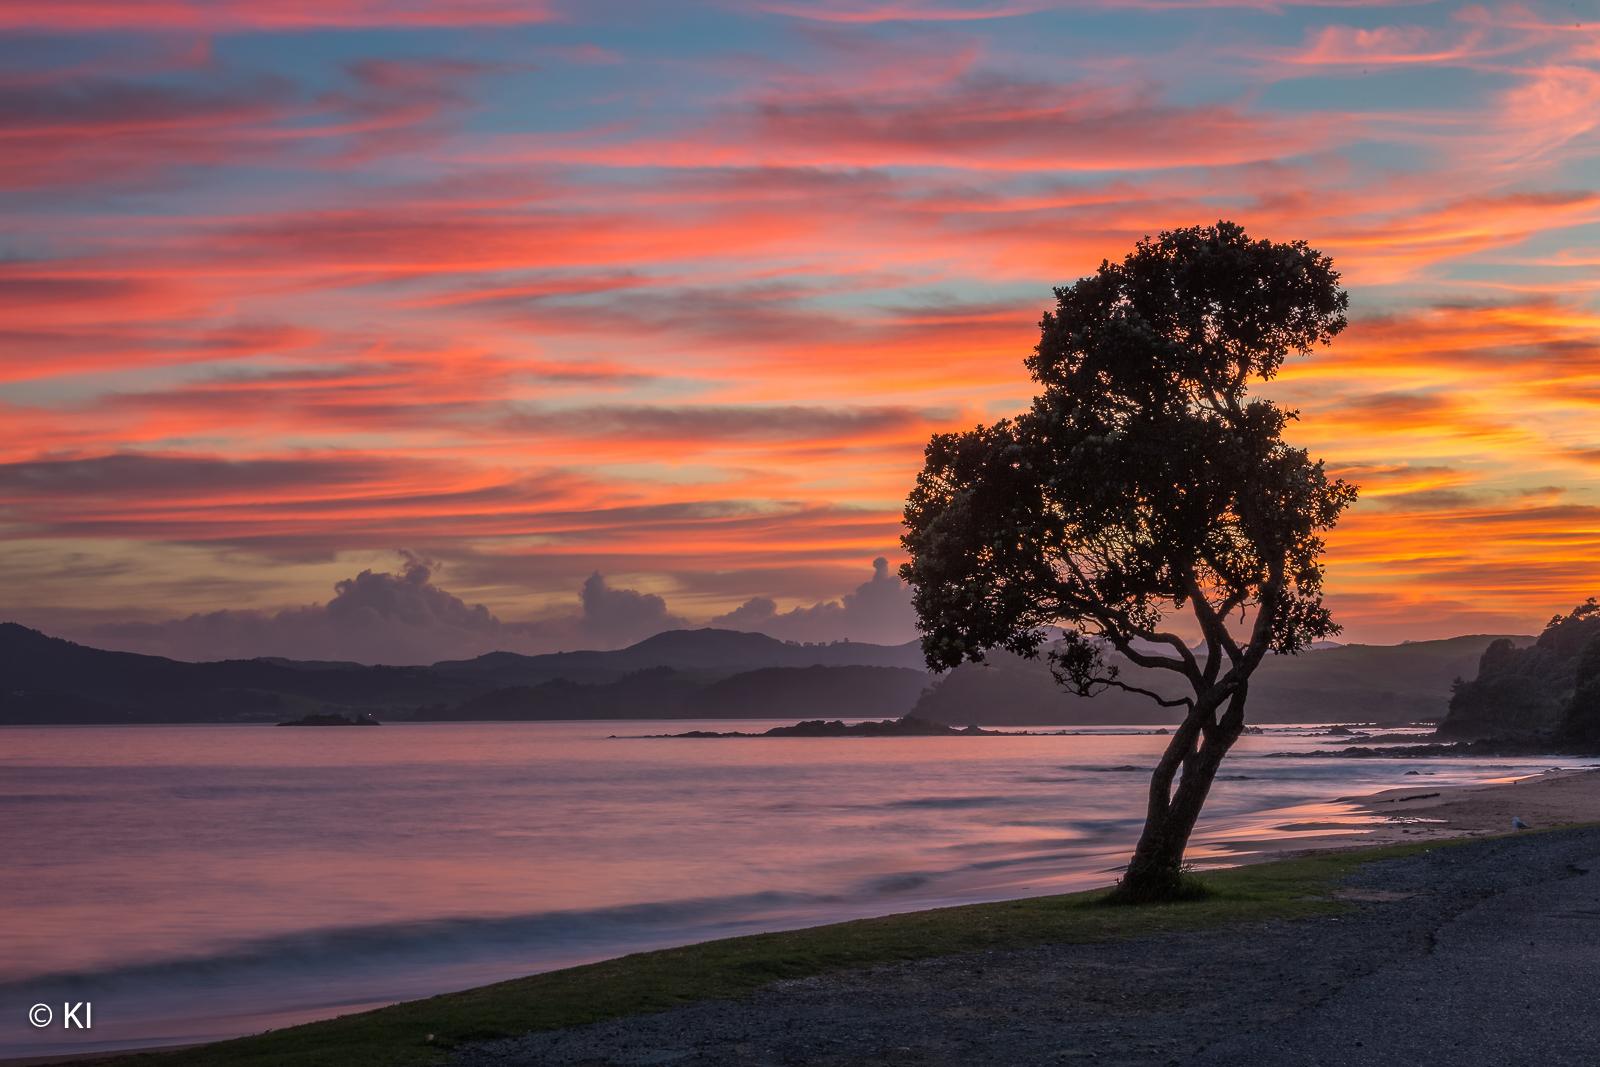 Sunrise in Doubtless Bay